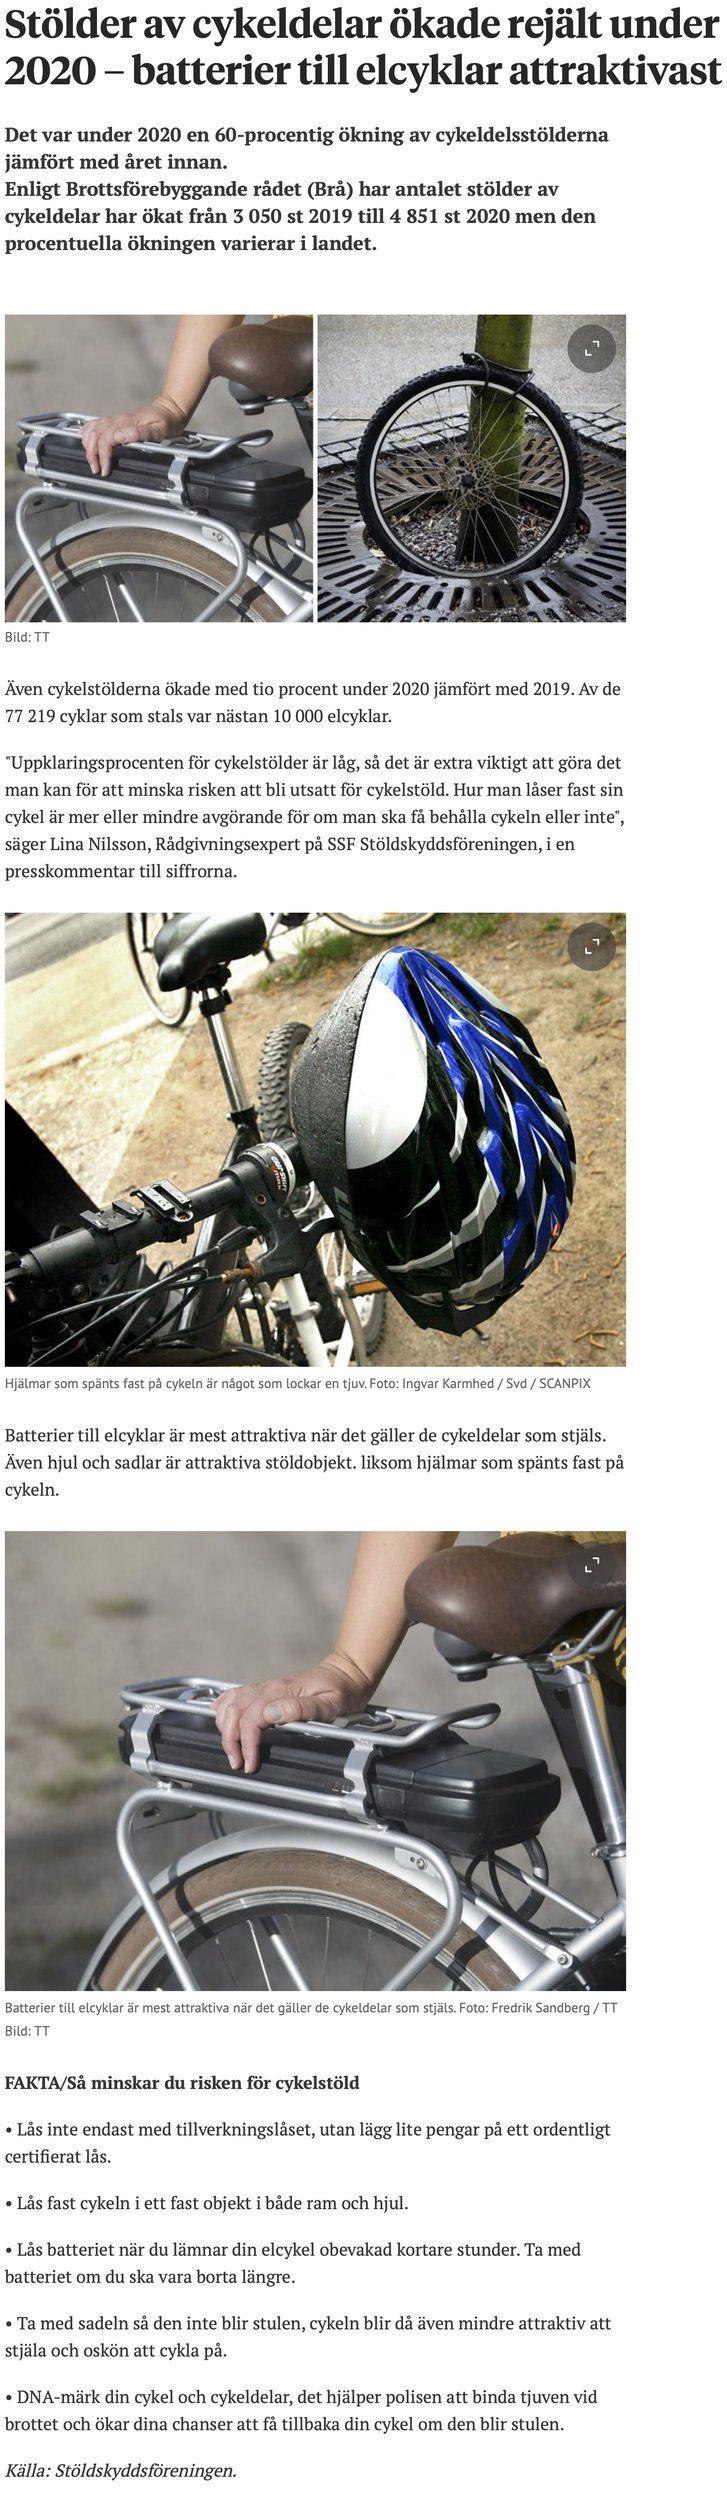 Stölder av cykeldelar ökade rejält under 2020 – batterier till elcyklar attraktivast.jpg